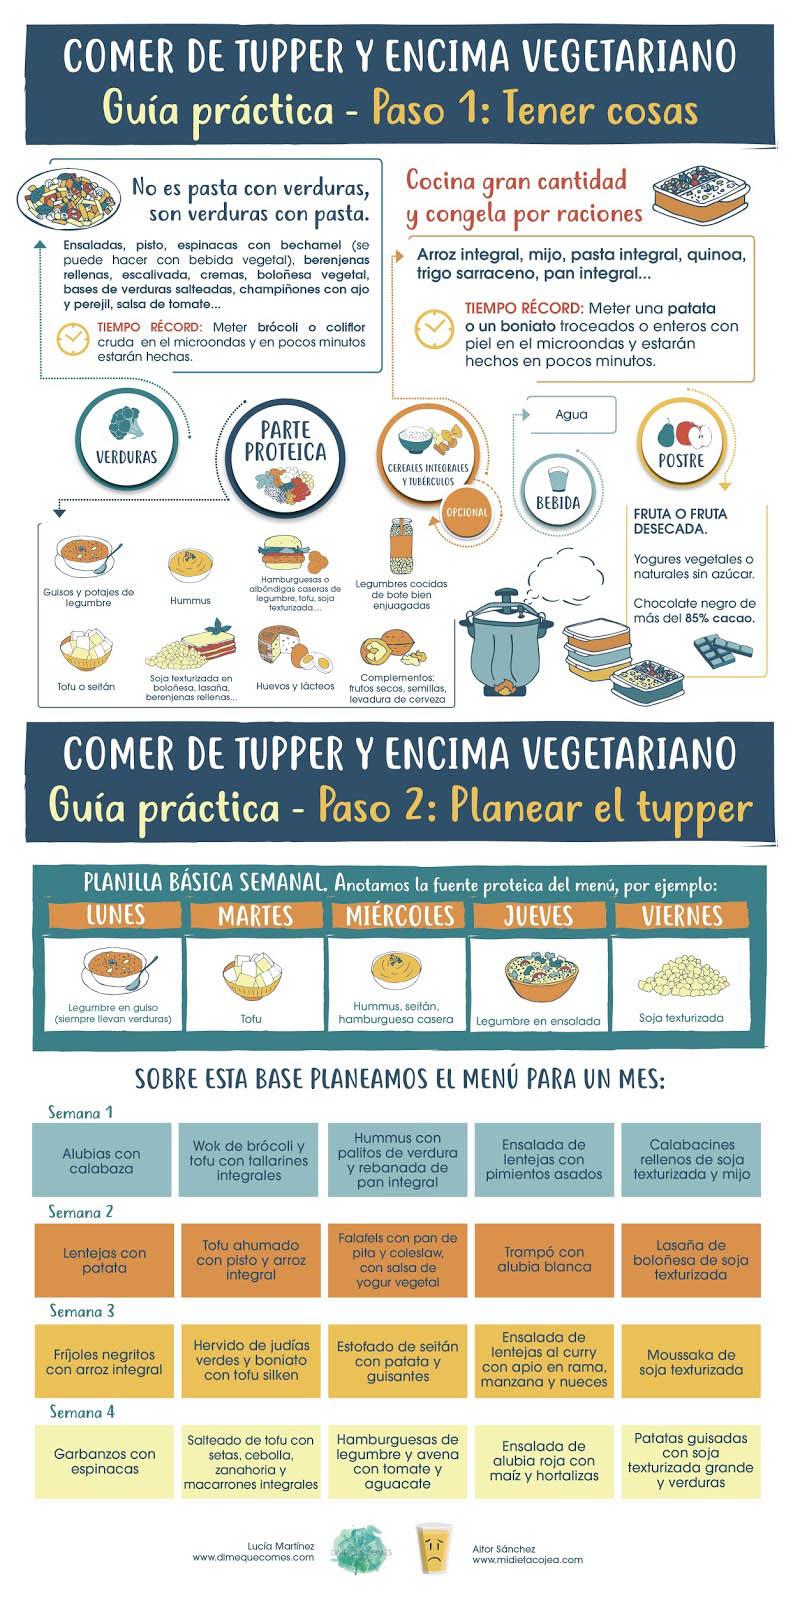 Comer de tupper y encima vegetariano - Infografía de Aitor Sánchez y Lucía Martínez